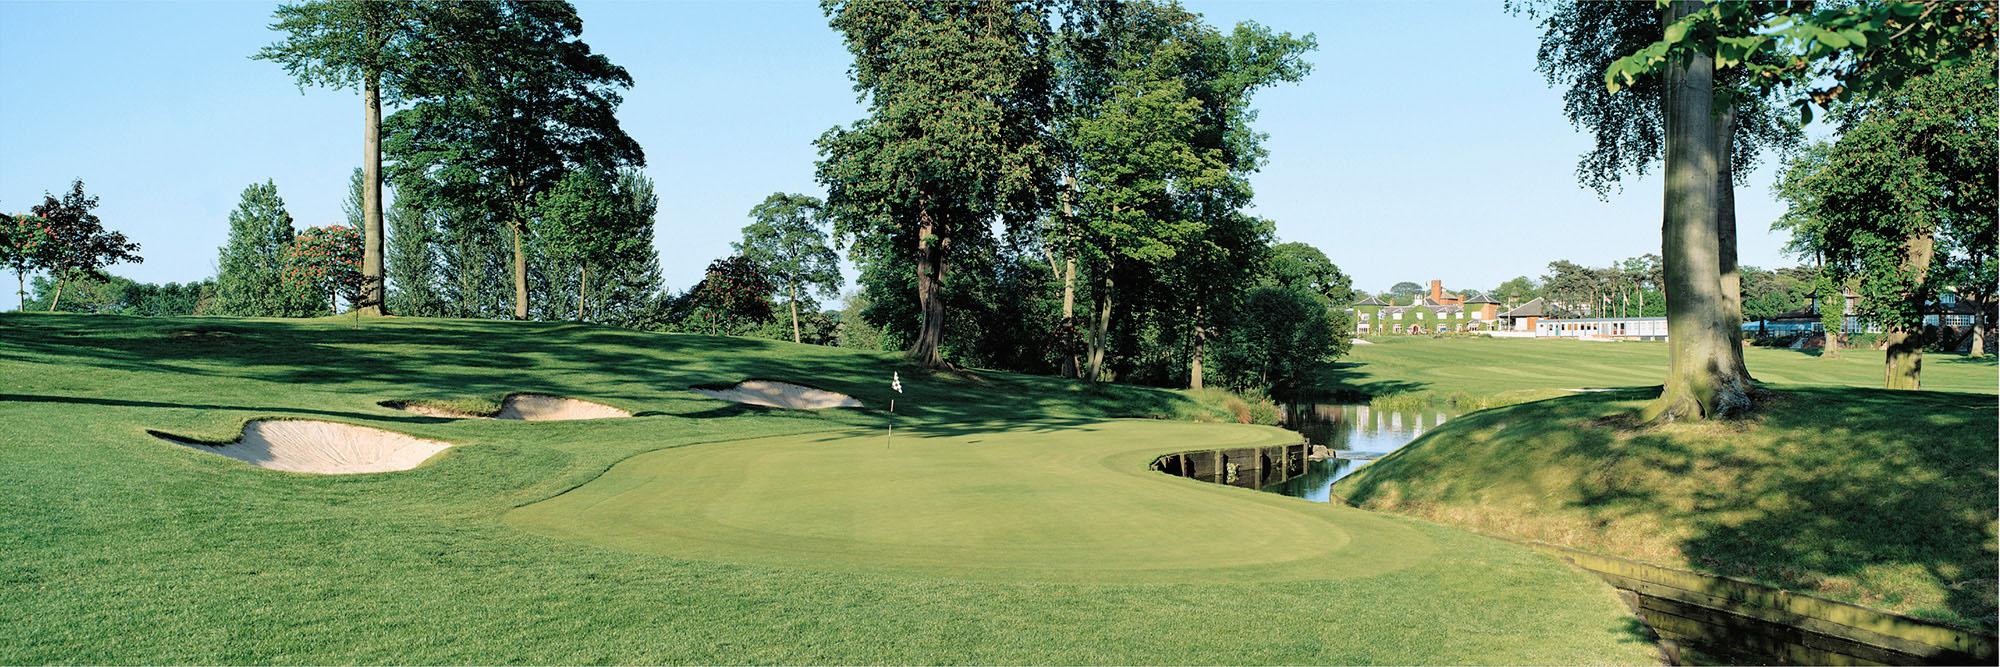 Golf Course Image - Belfry Brabazon No. 10